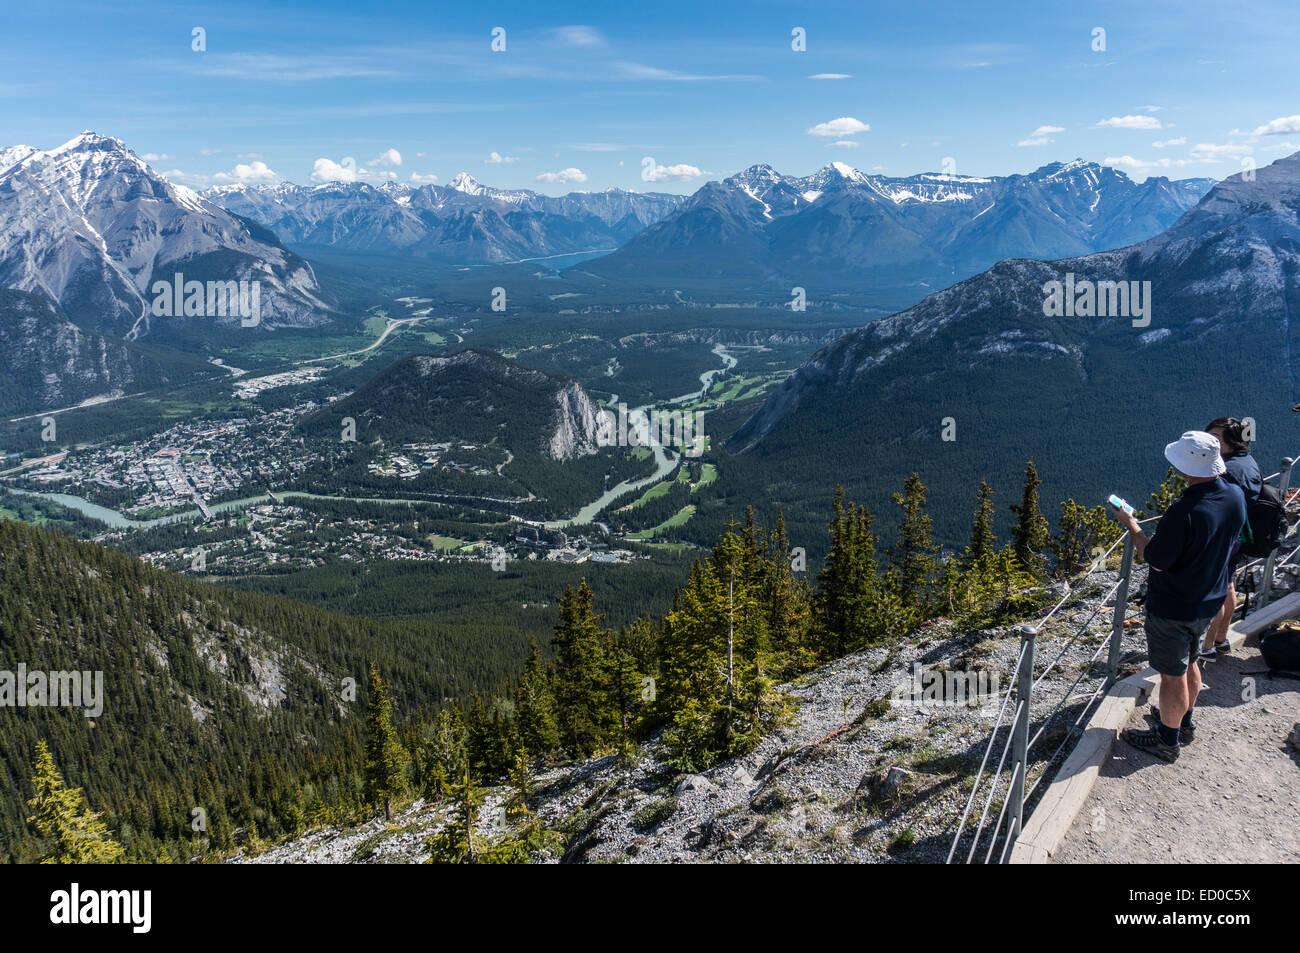 Canada, Alberta, il Parco Nazionale di Banff, due persone che guardano a vista dalla Montagna di Zolfo Immagini Stock